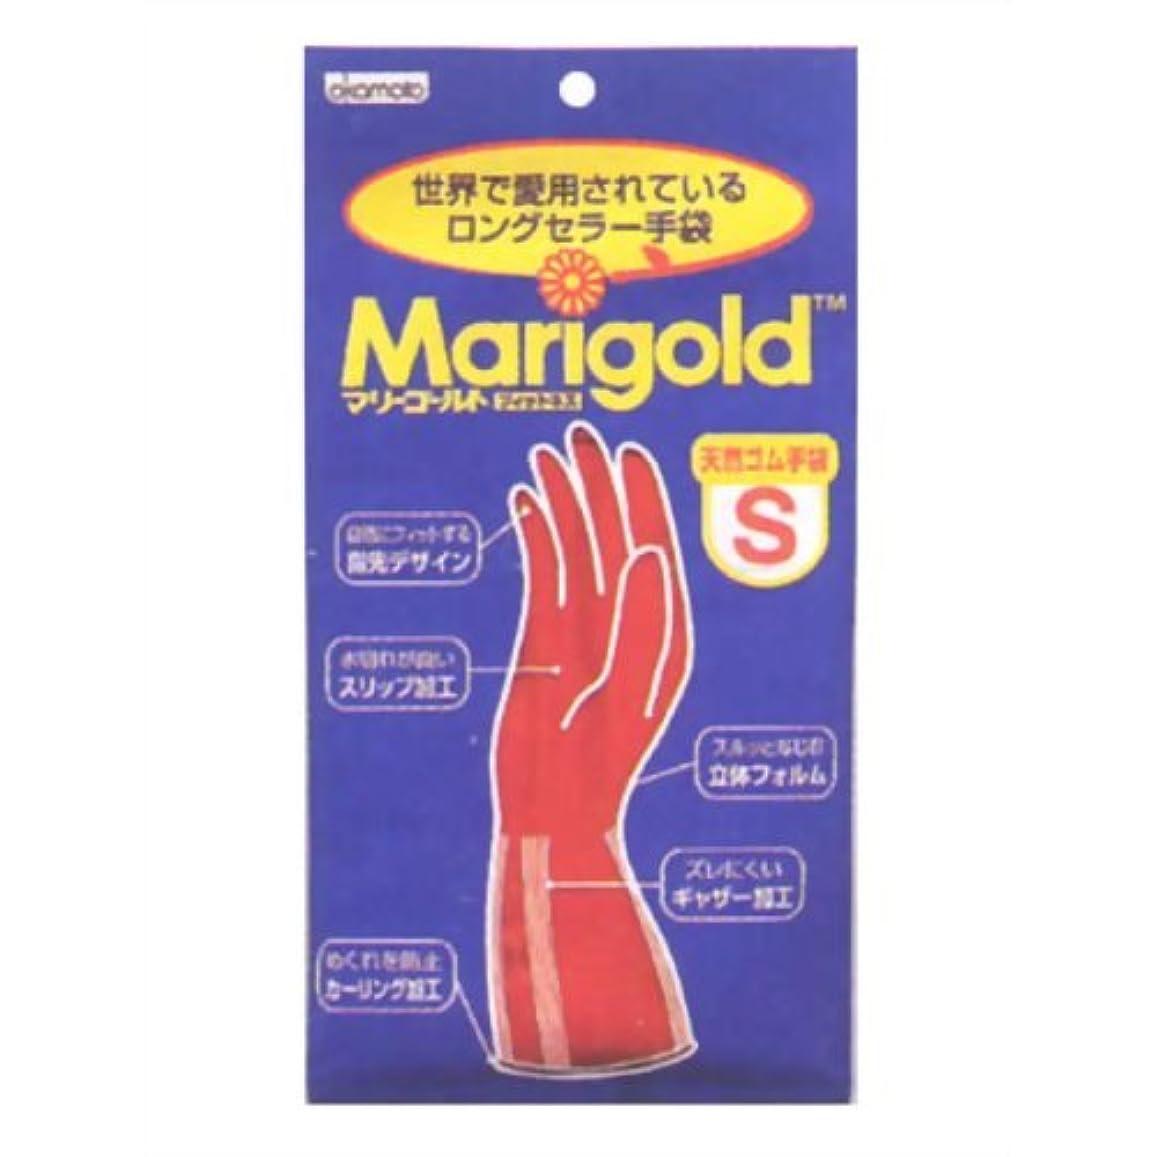 思いつく採用毒マリーゴールドSサイズ × 12個セット